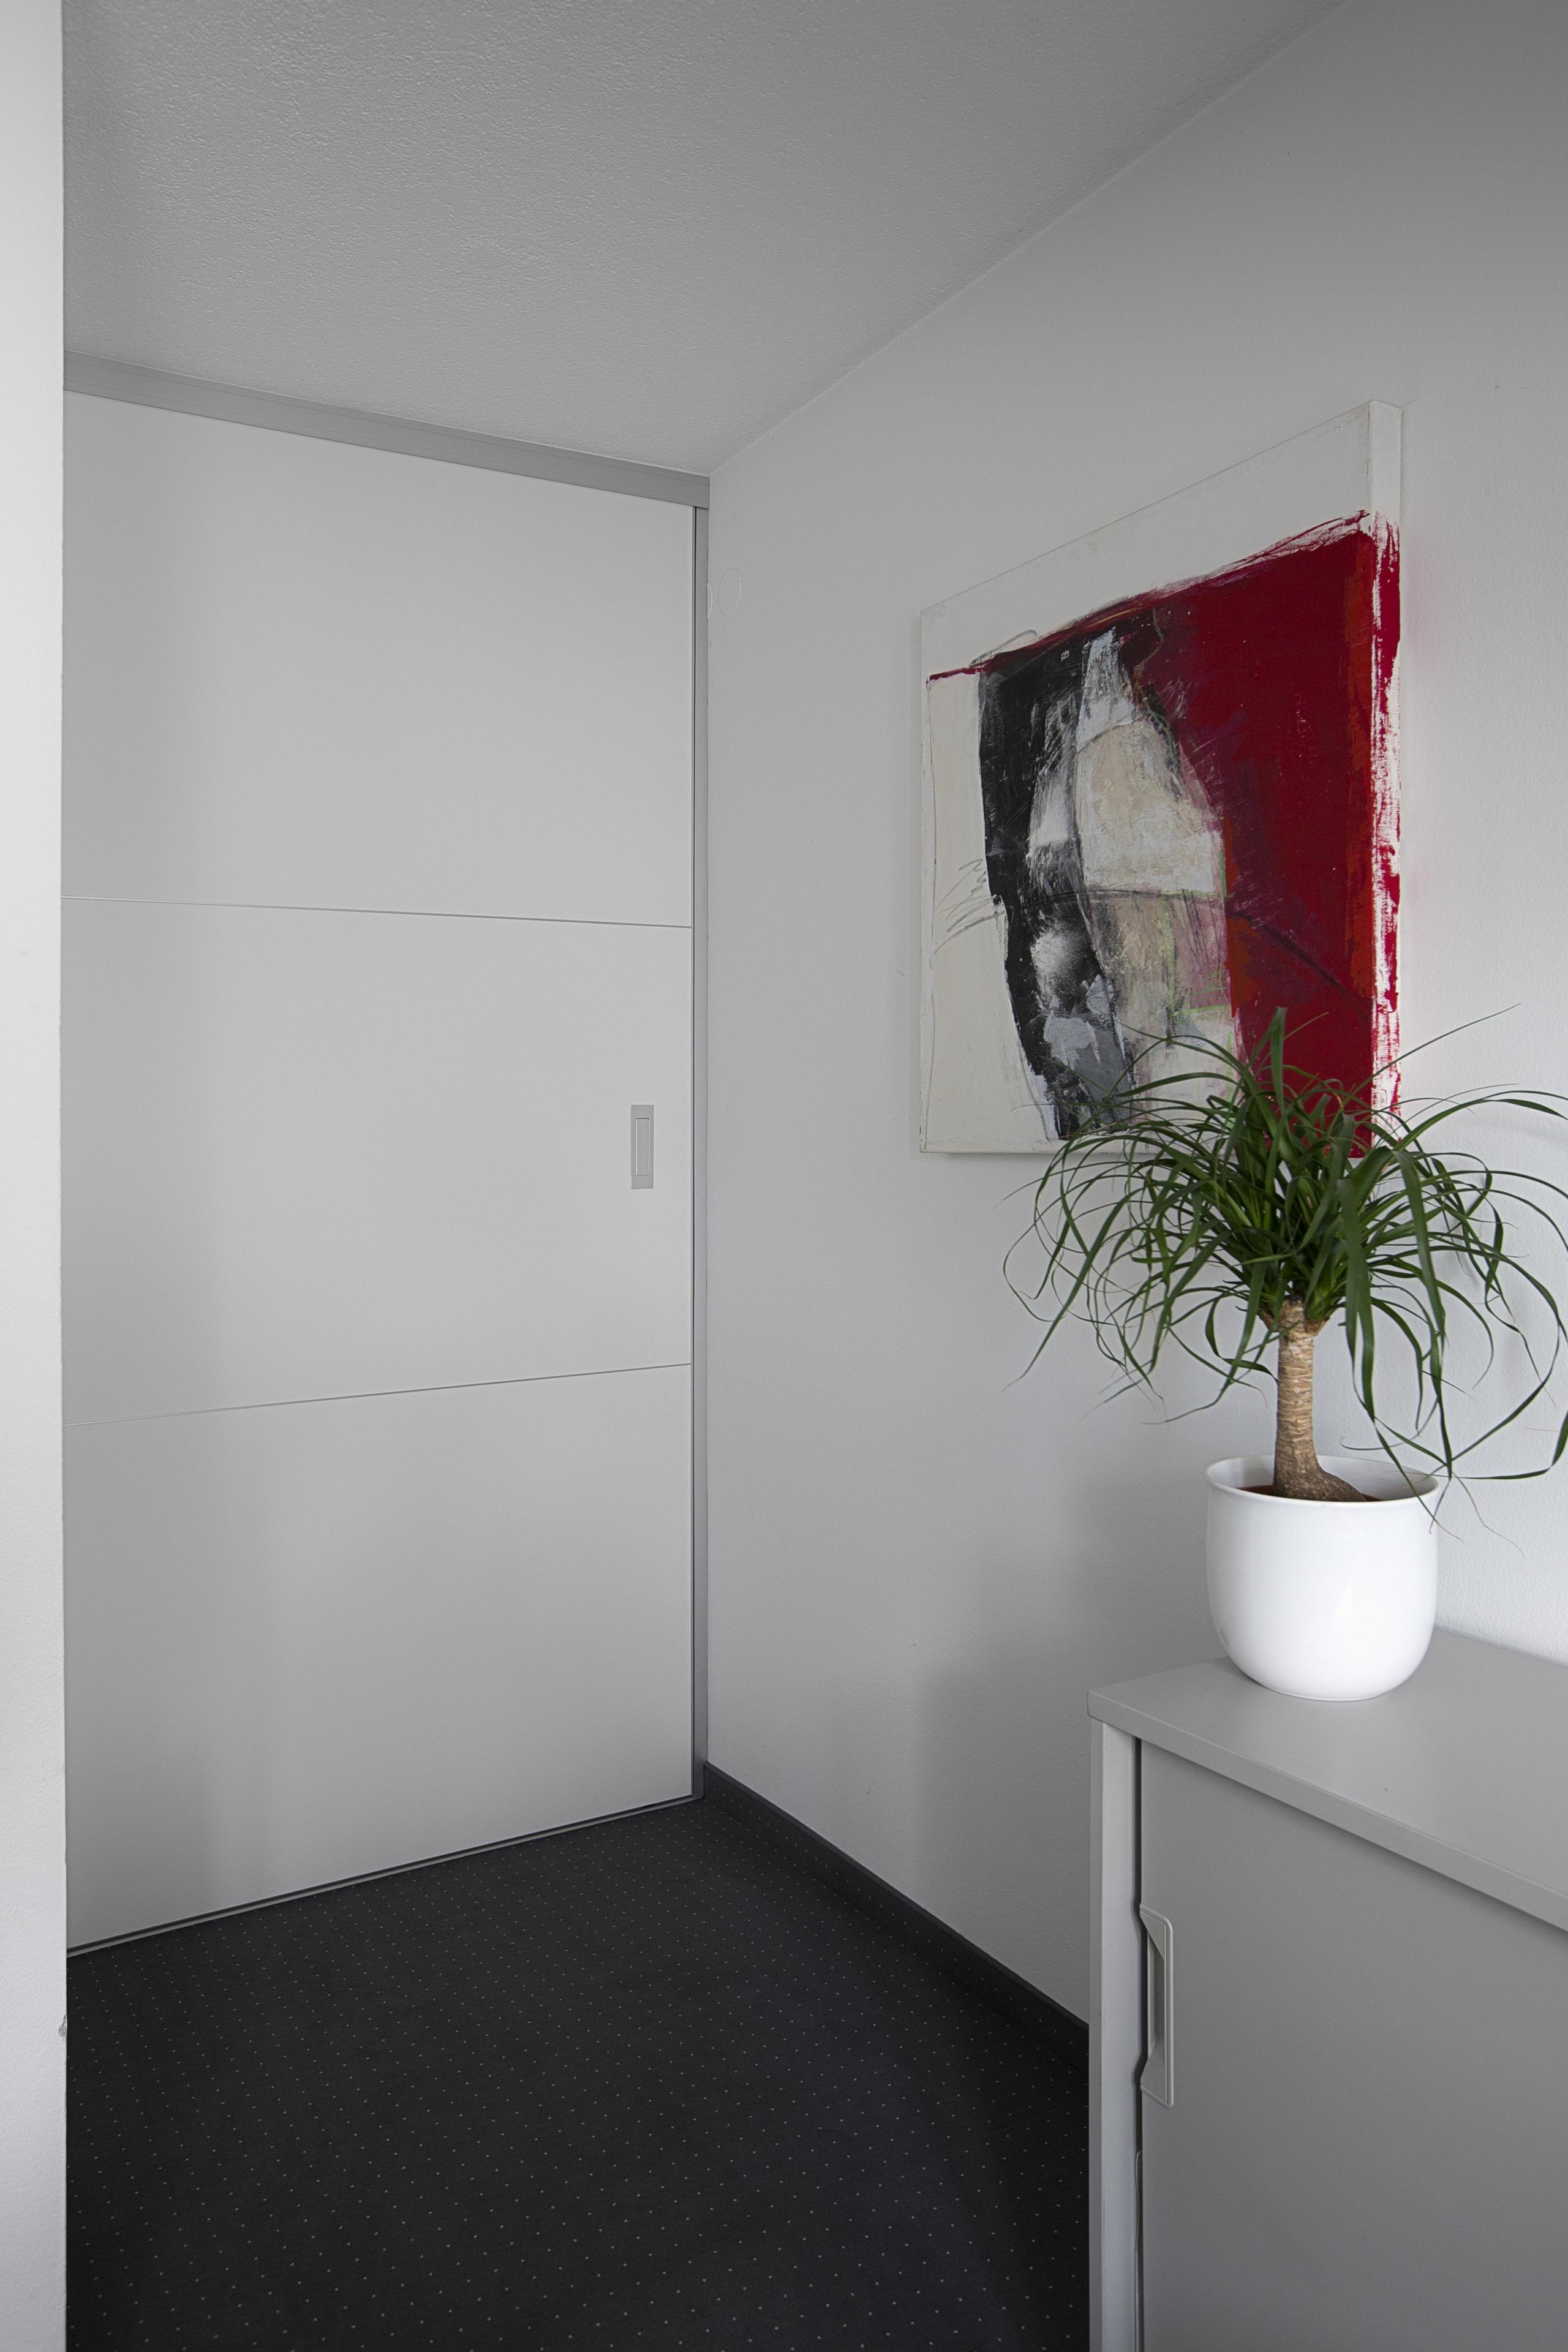 Design ideen ikea raumteiler schrank gt raumteiler ideen wohnzimmer - Raumteiler Aus Rahmenlosen Schiebet Ren Mit Dekorariven